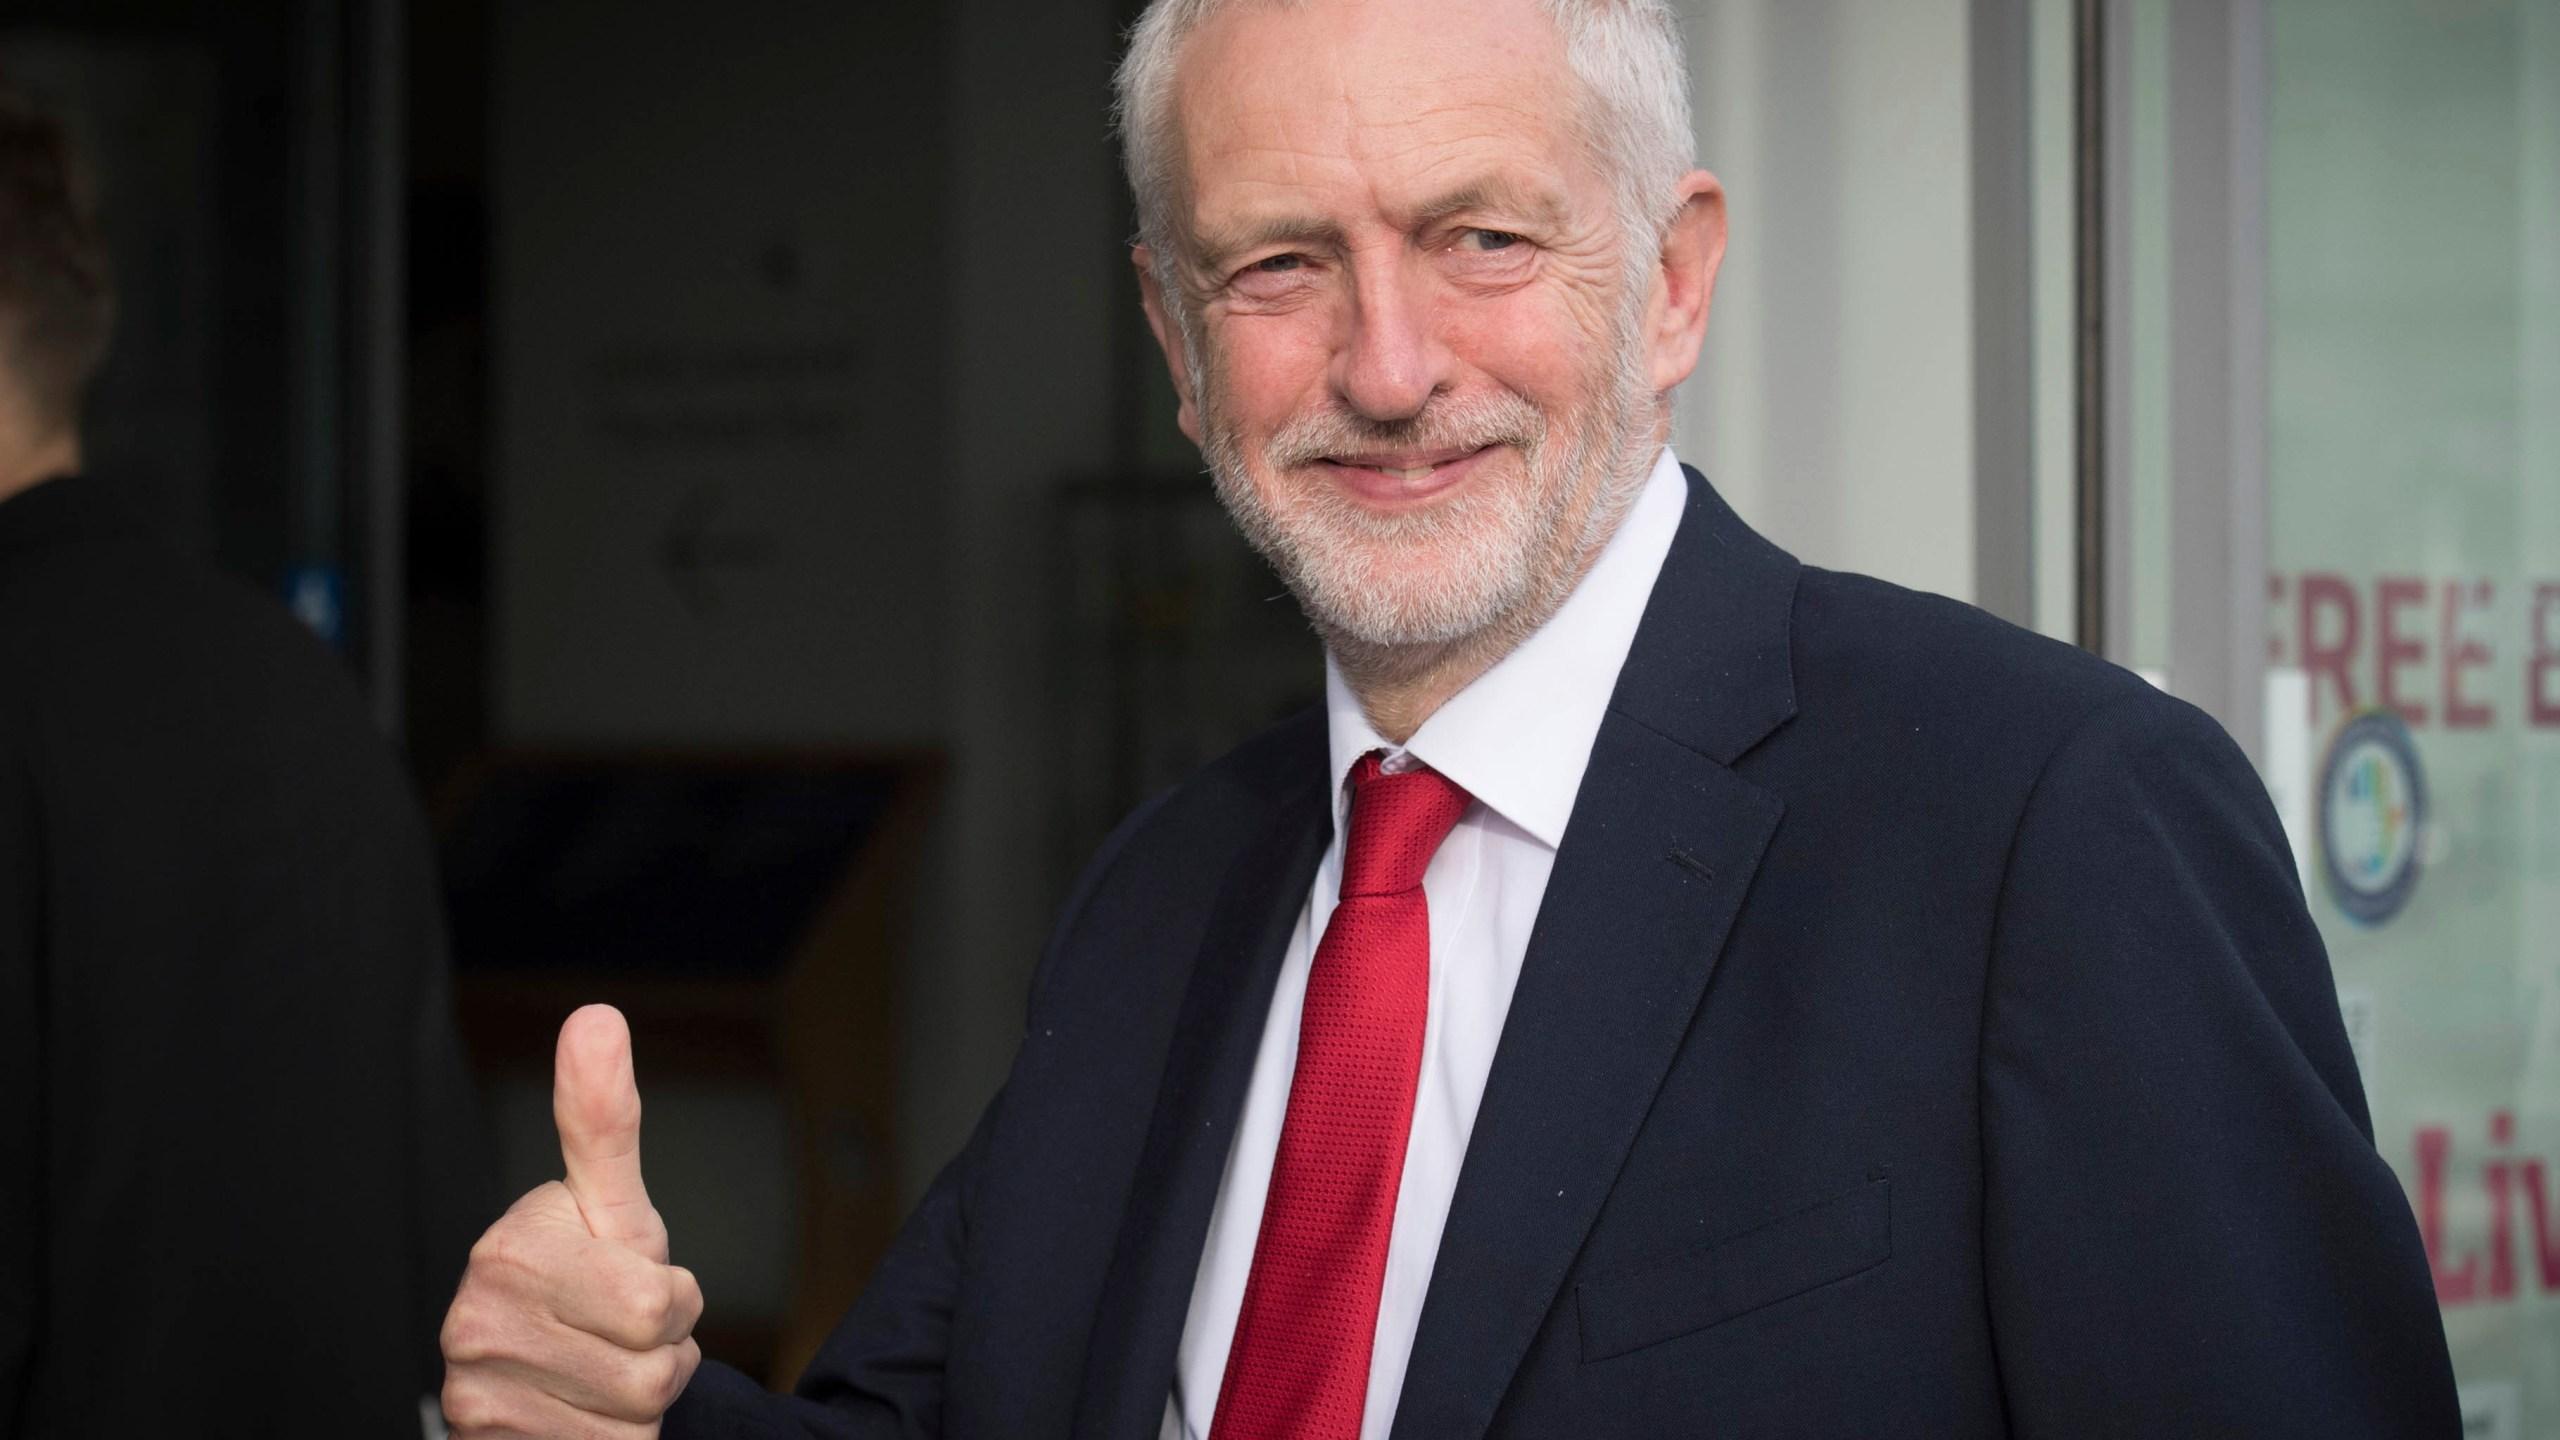 Britain_Brexit_Labour's_Dilemma_04435-159532.jpg04115431